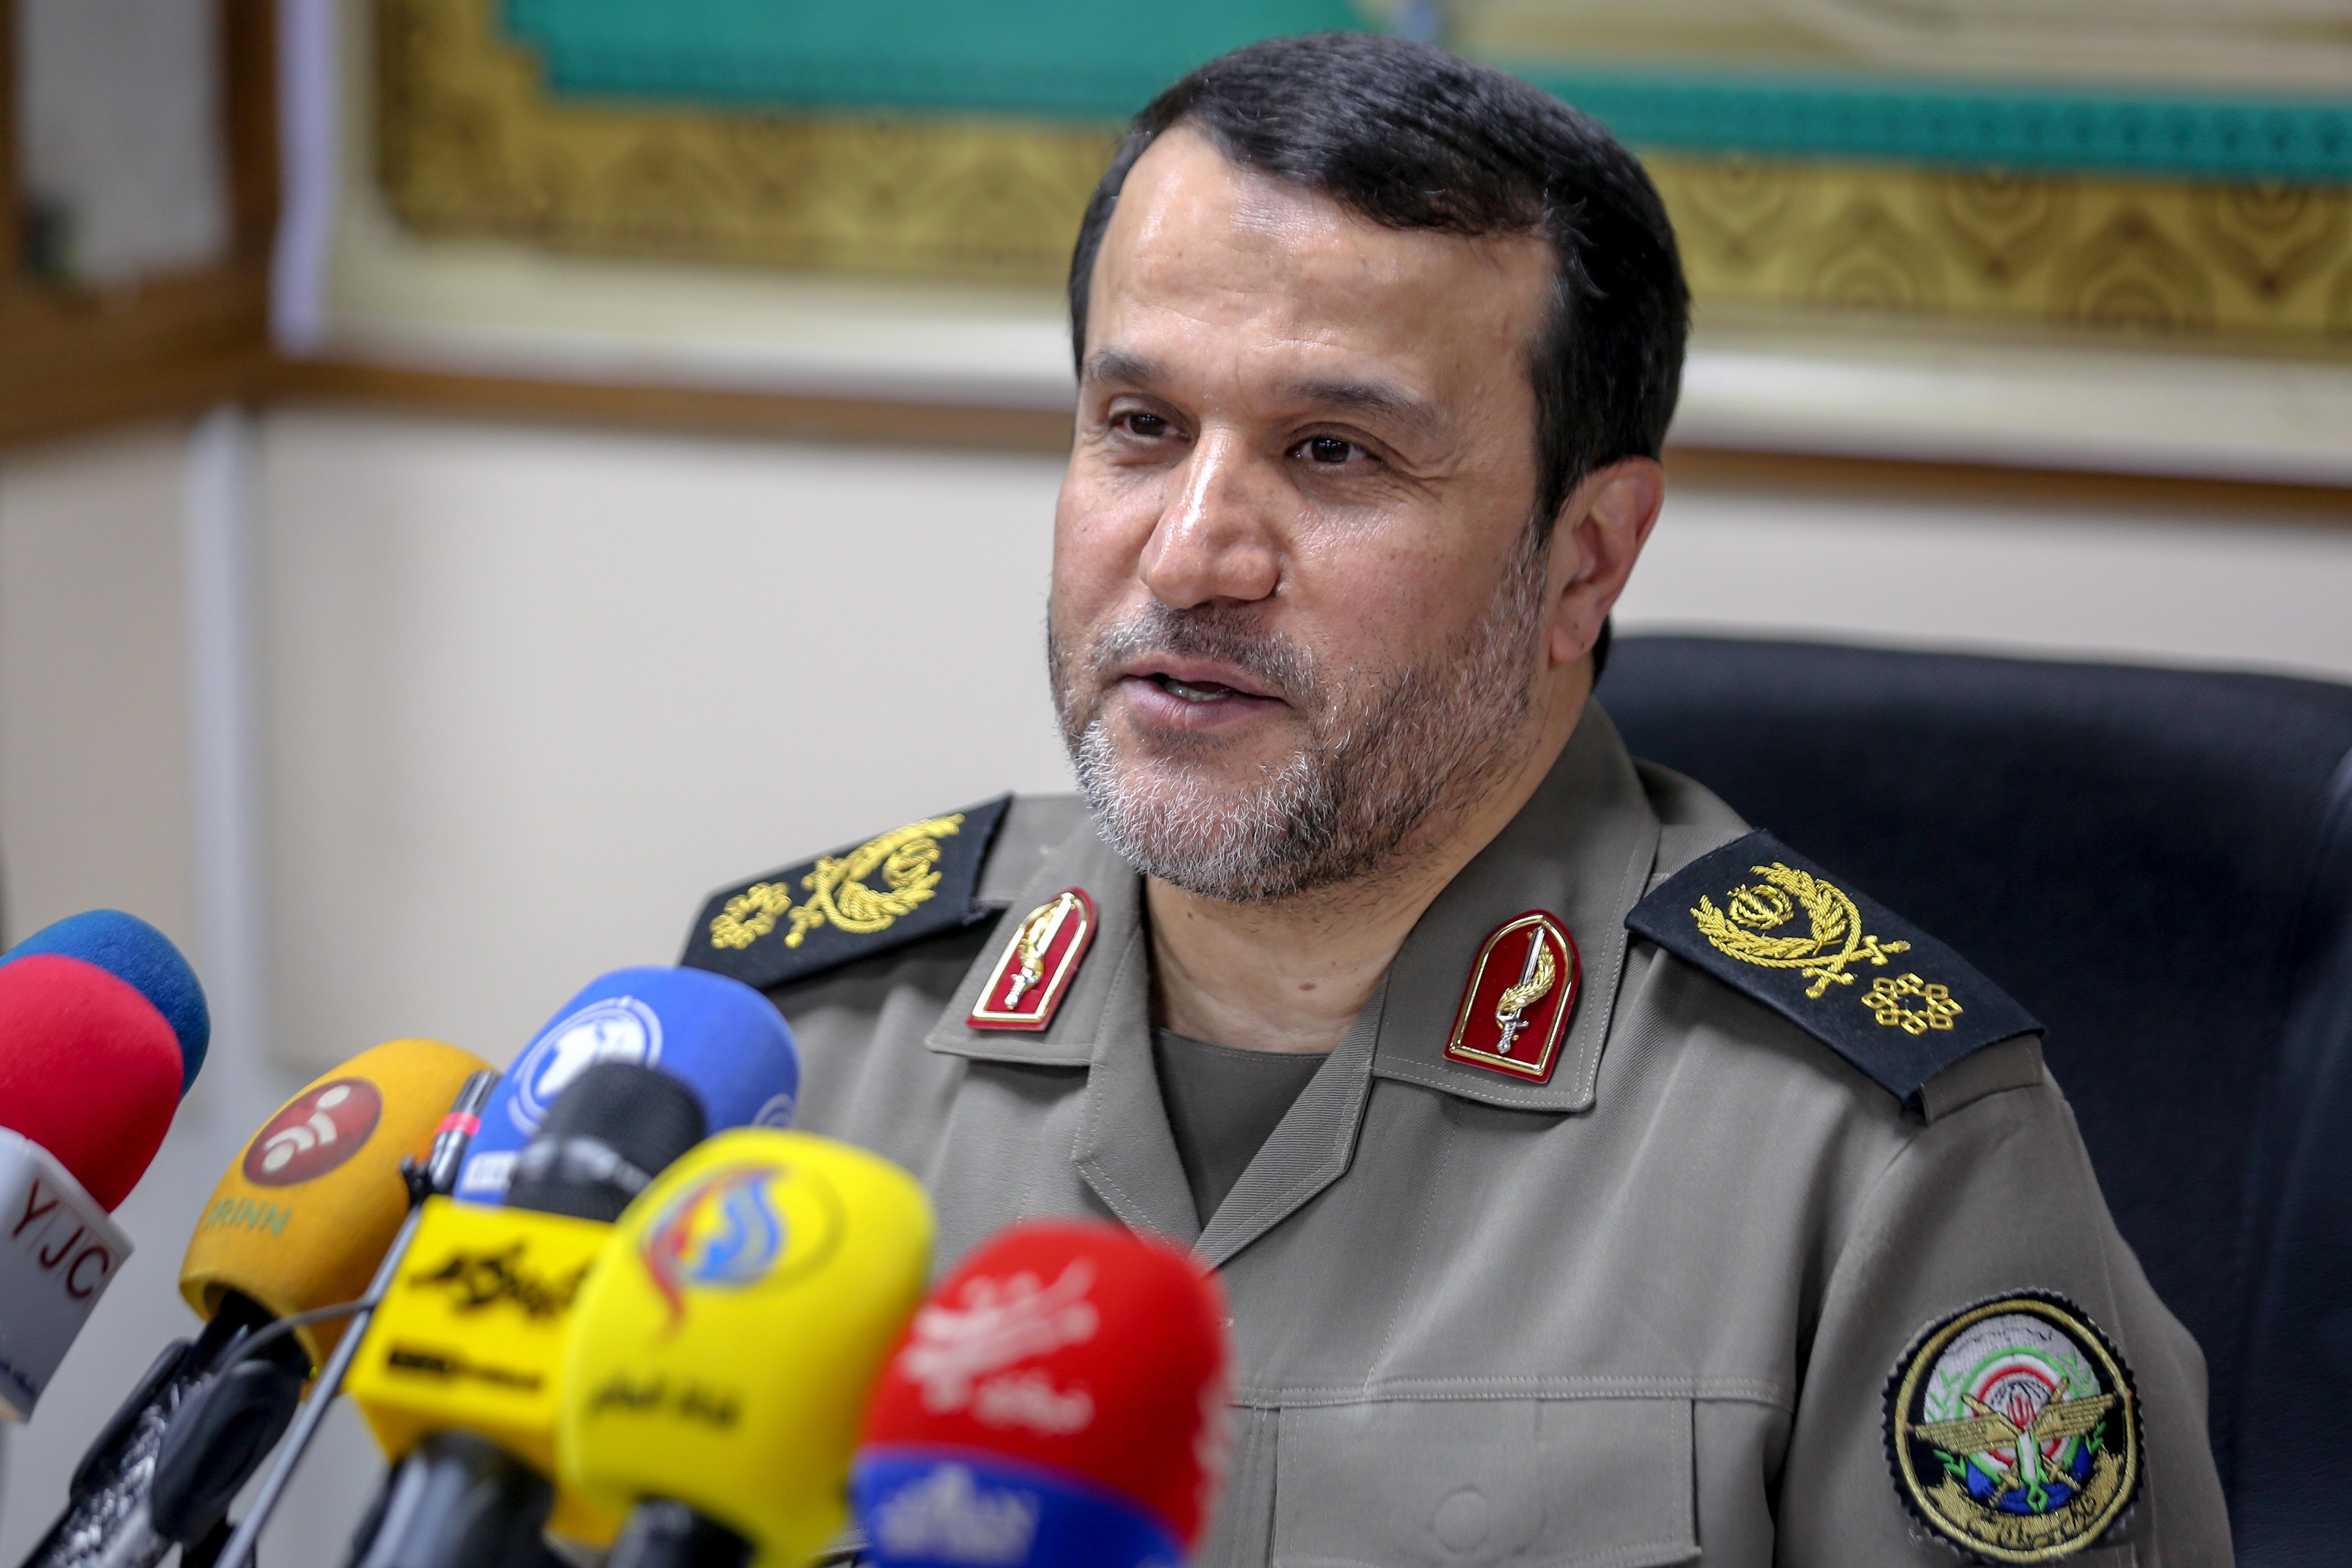 سردار بهمن کارگر، رئیس ستاد مرکزی بزرگداشت حماسه آزادسازی خرمشهر